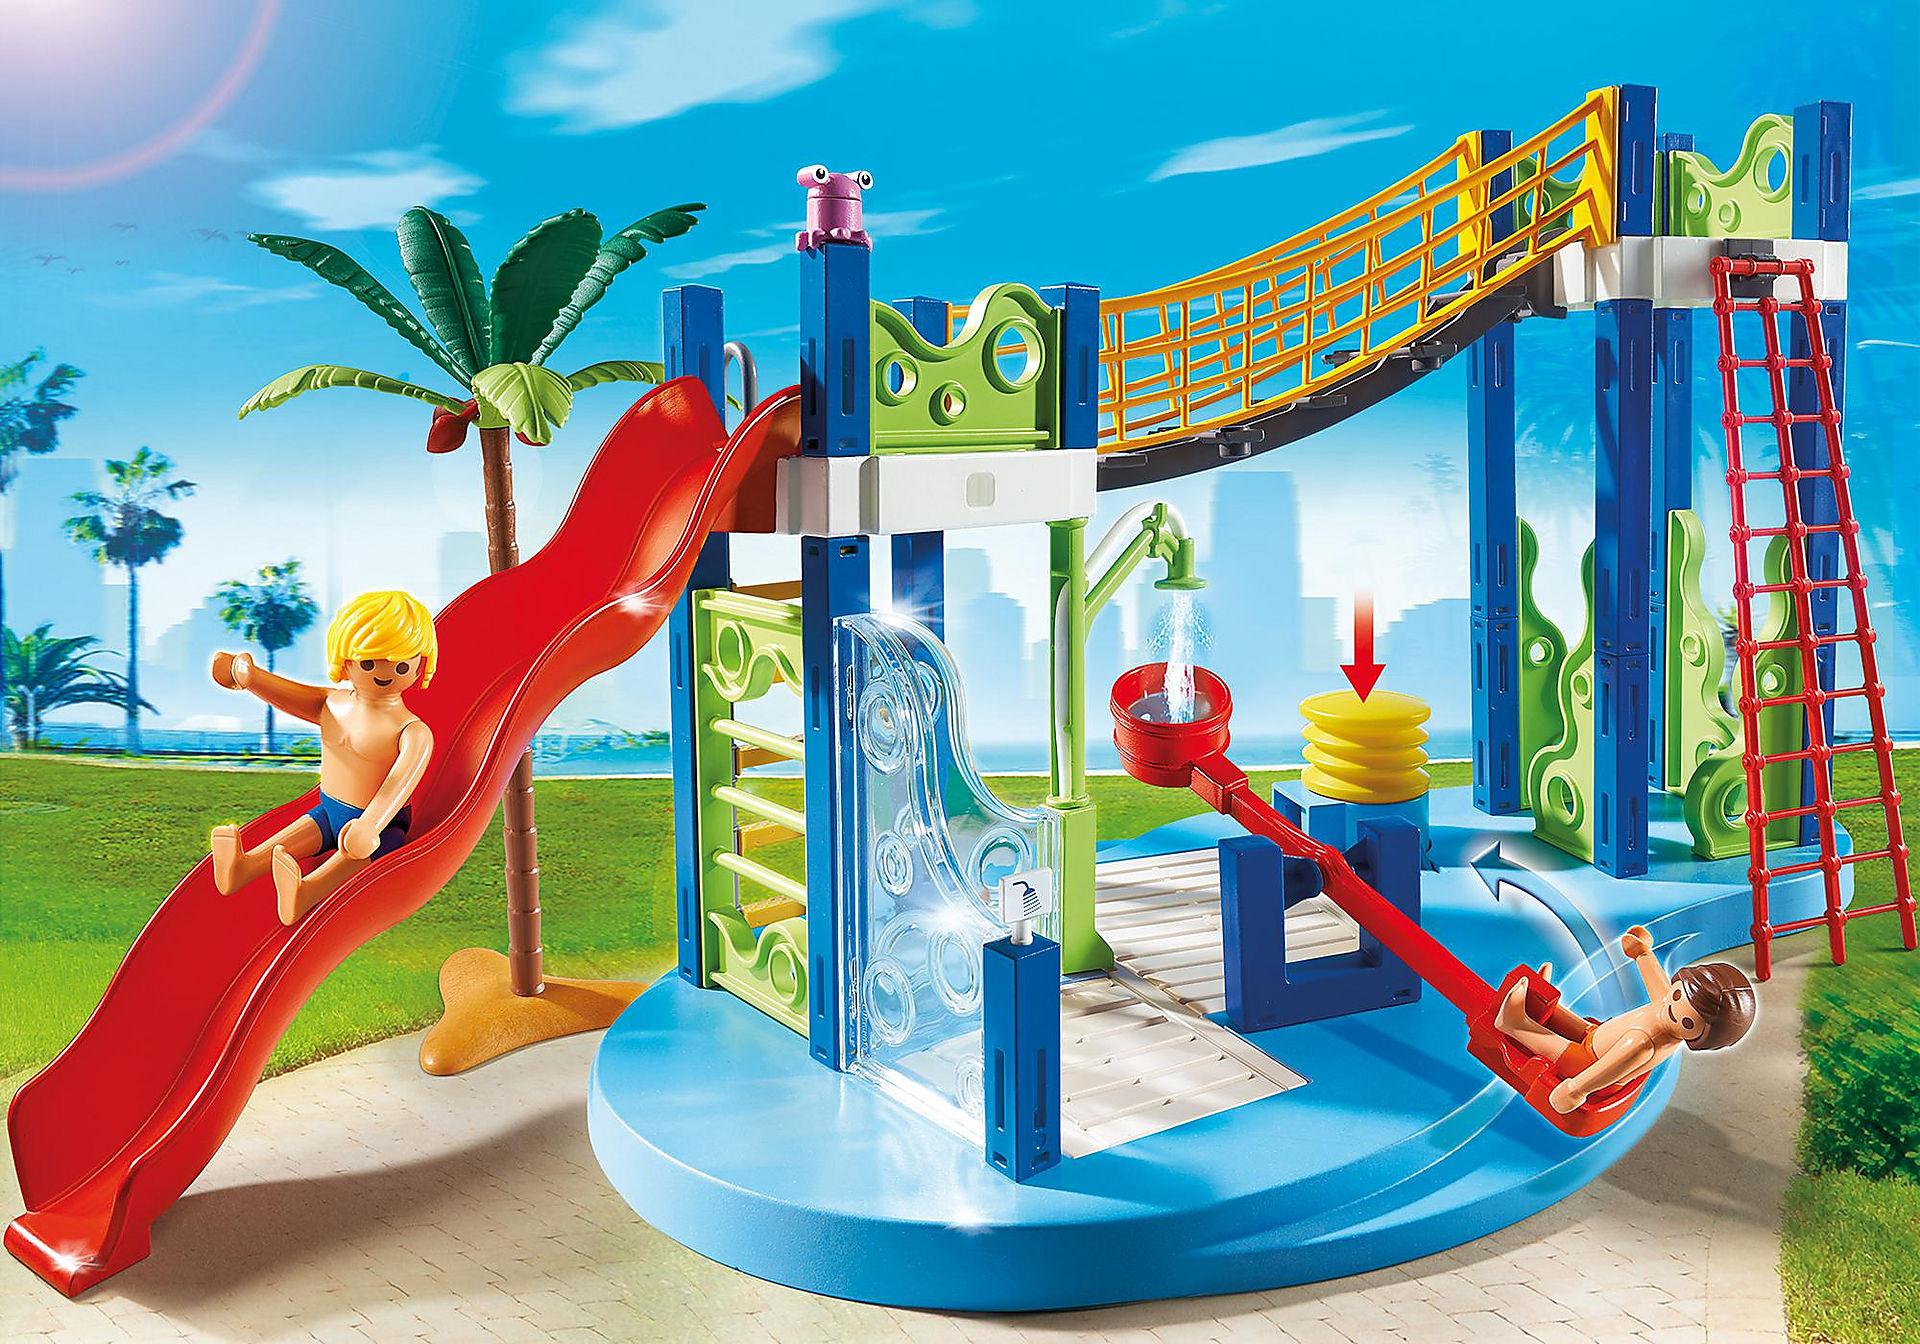 6670 Wasserspielplatz zoom image1